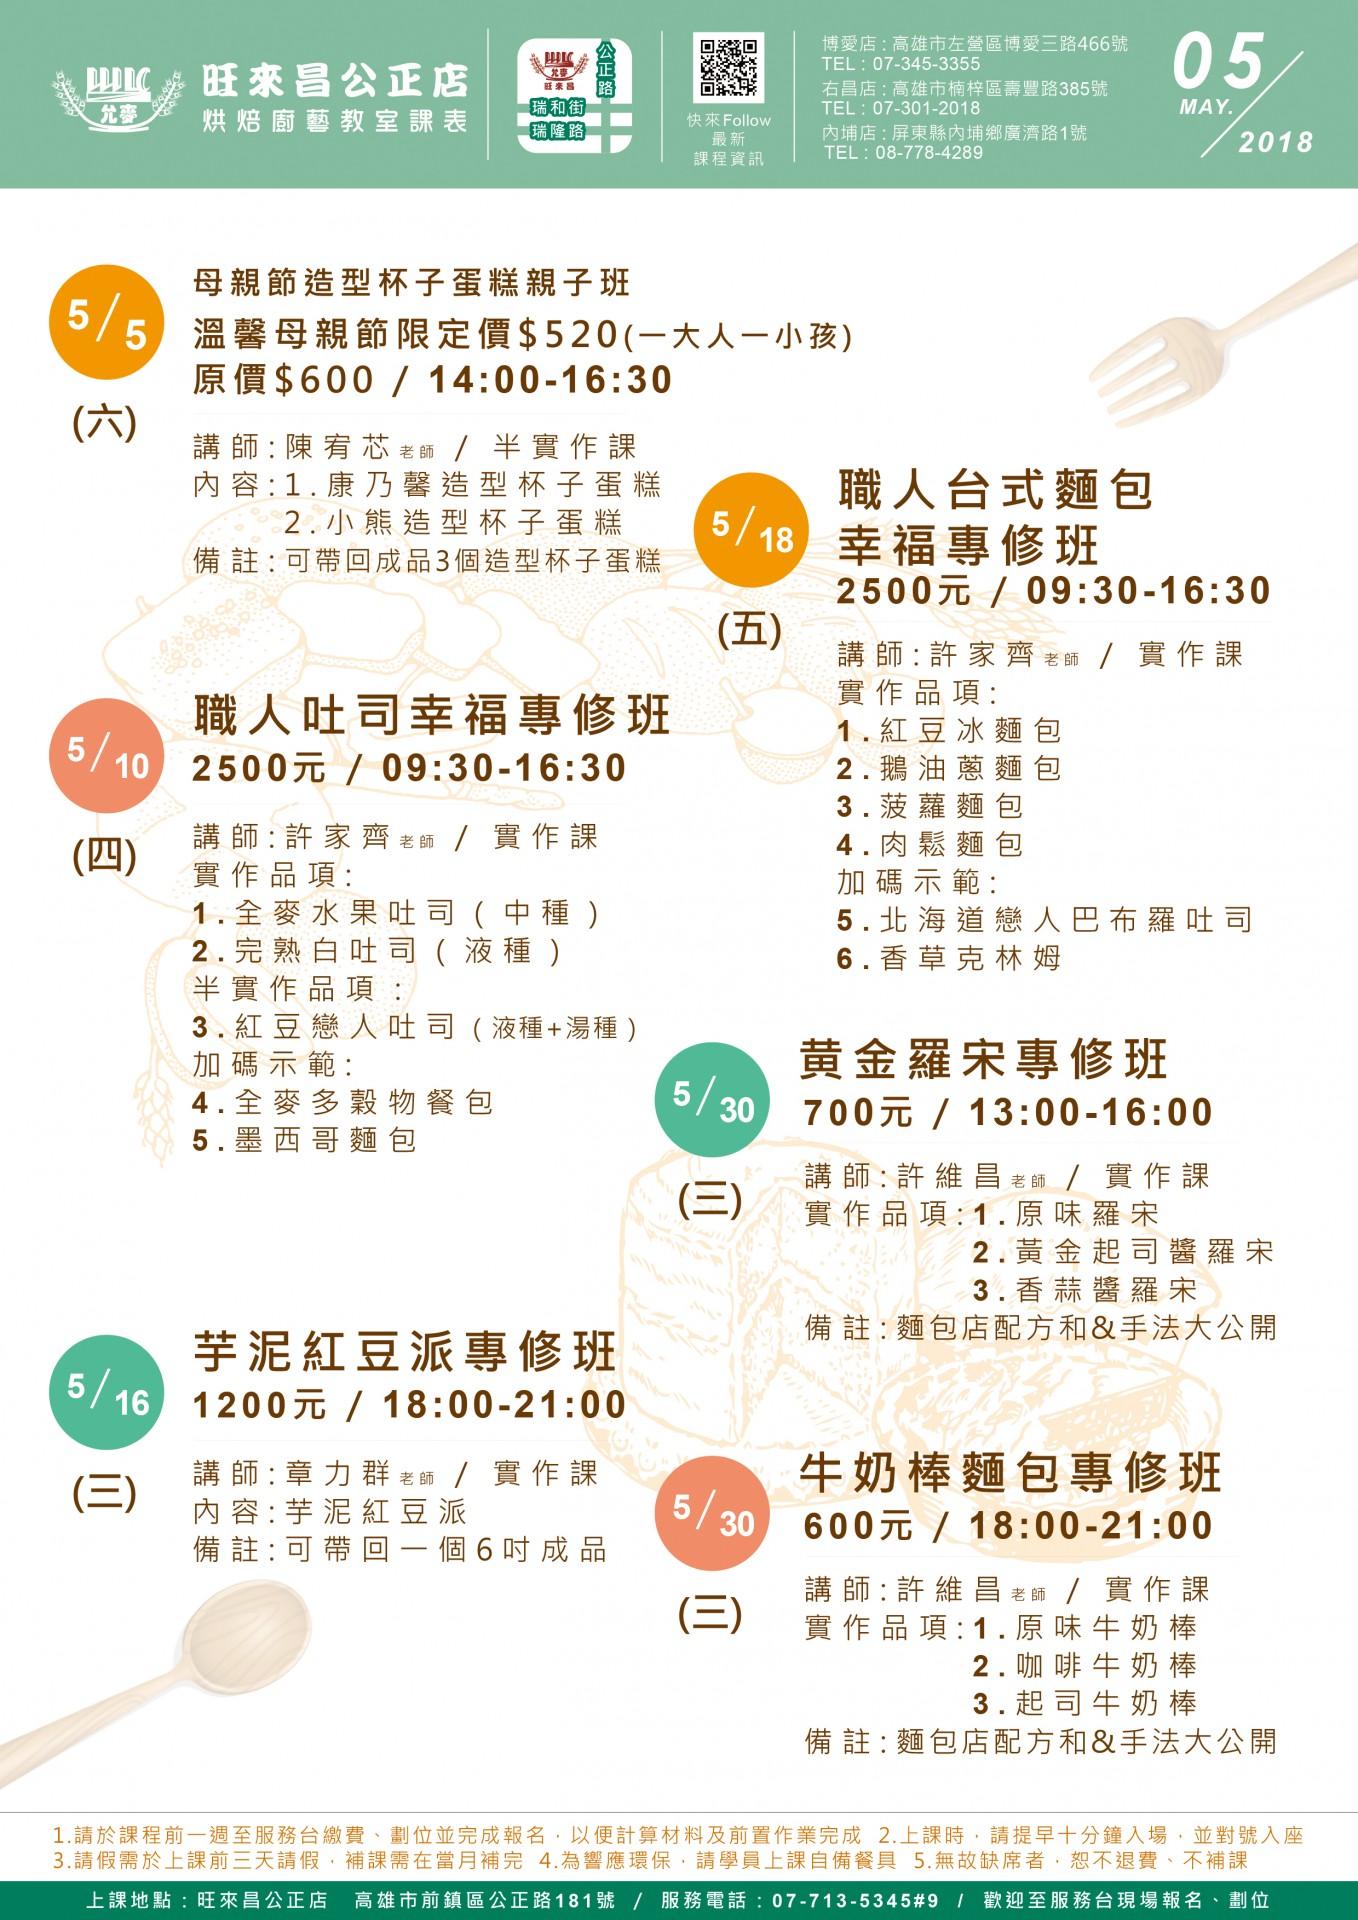 2018年5月公正店課表